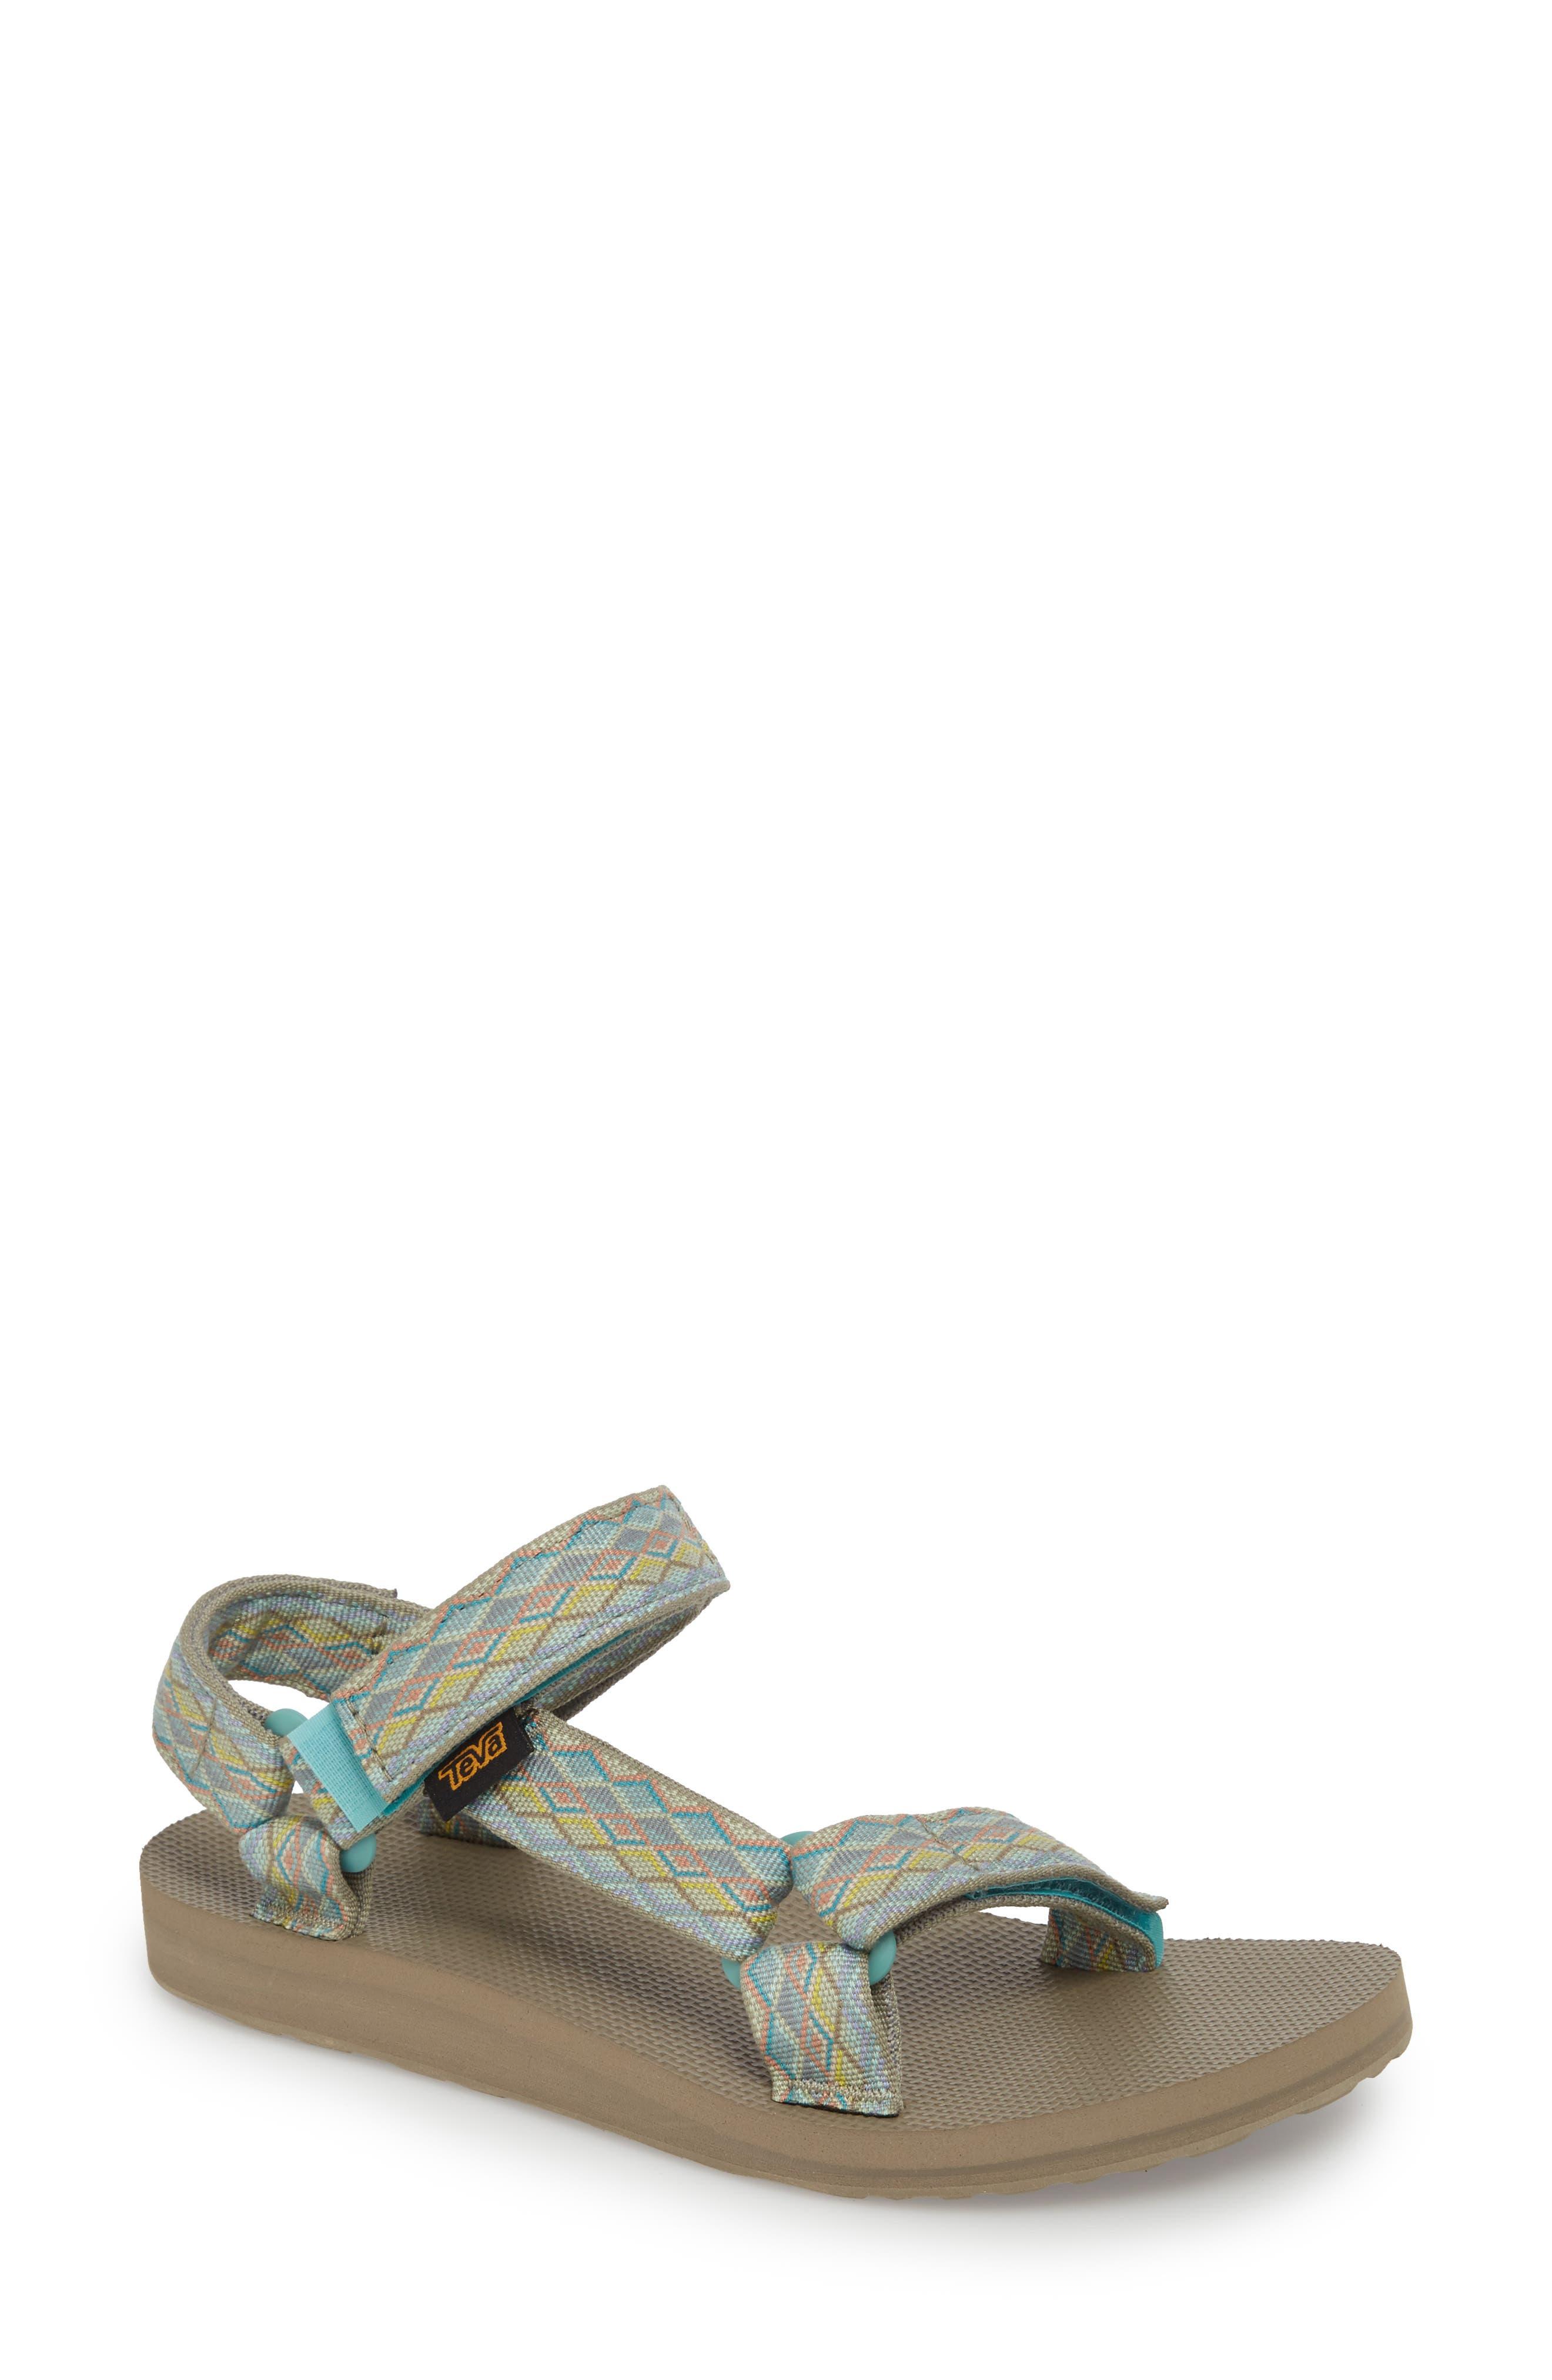 'Original Universal' Sandal,                         Main,                         color, Mirimar Fade Sage Multi